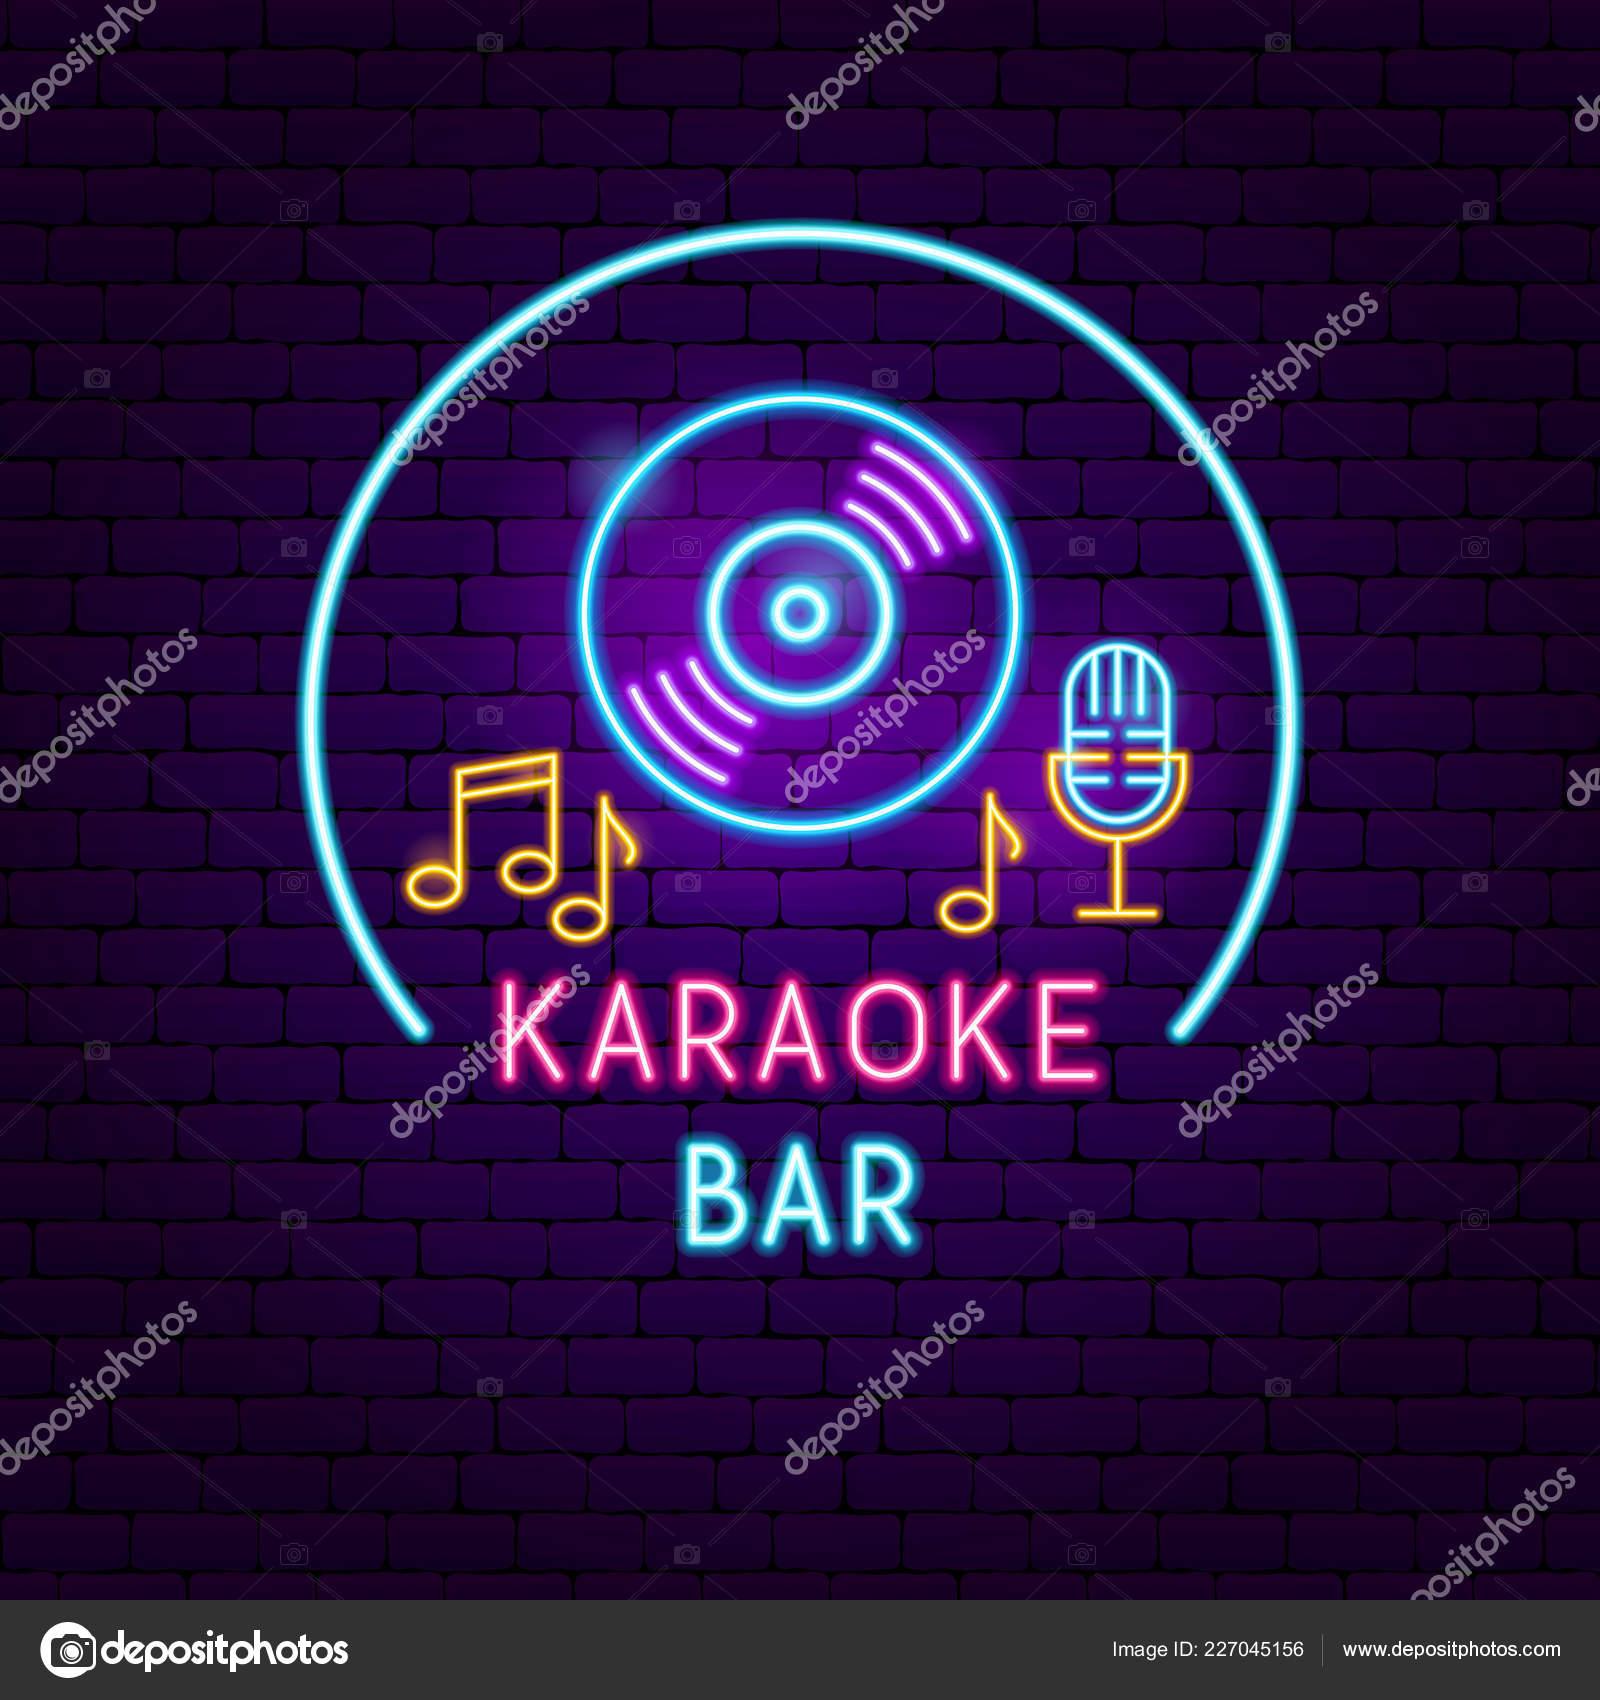 Bar de karaoke de néon — Vetores de Stock © Anna_leni #227045156